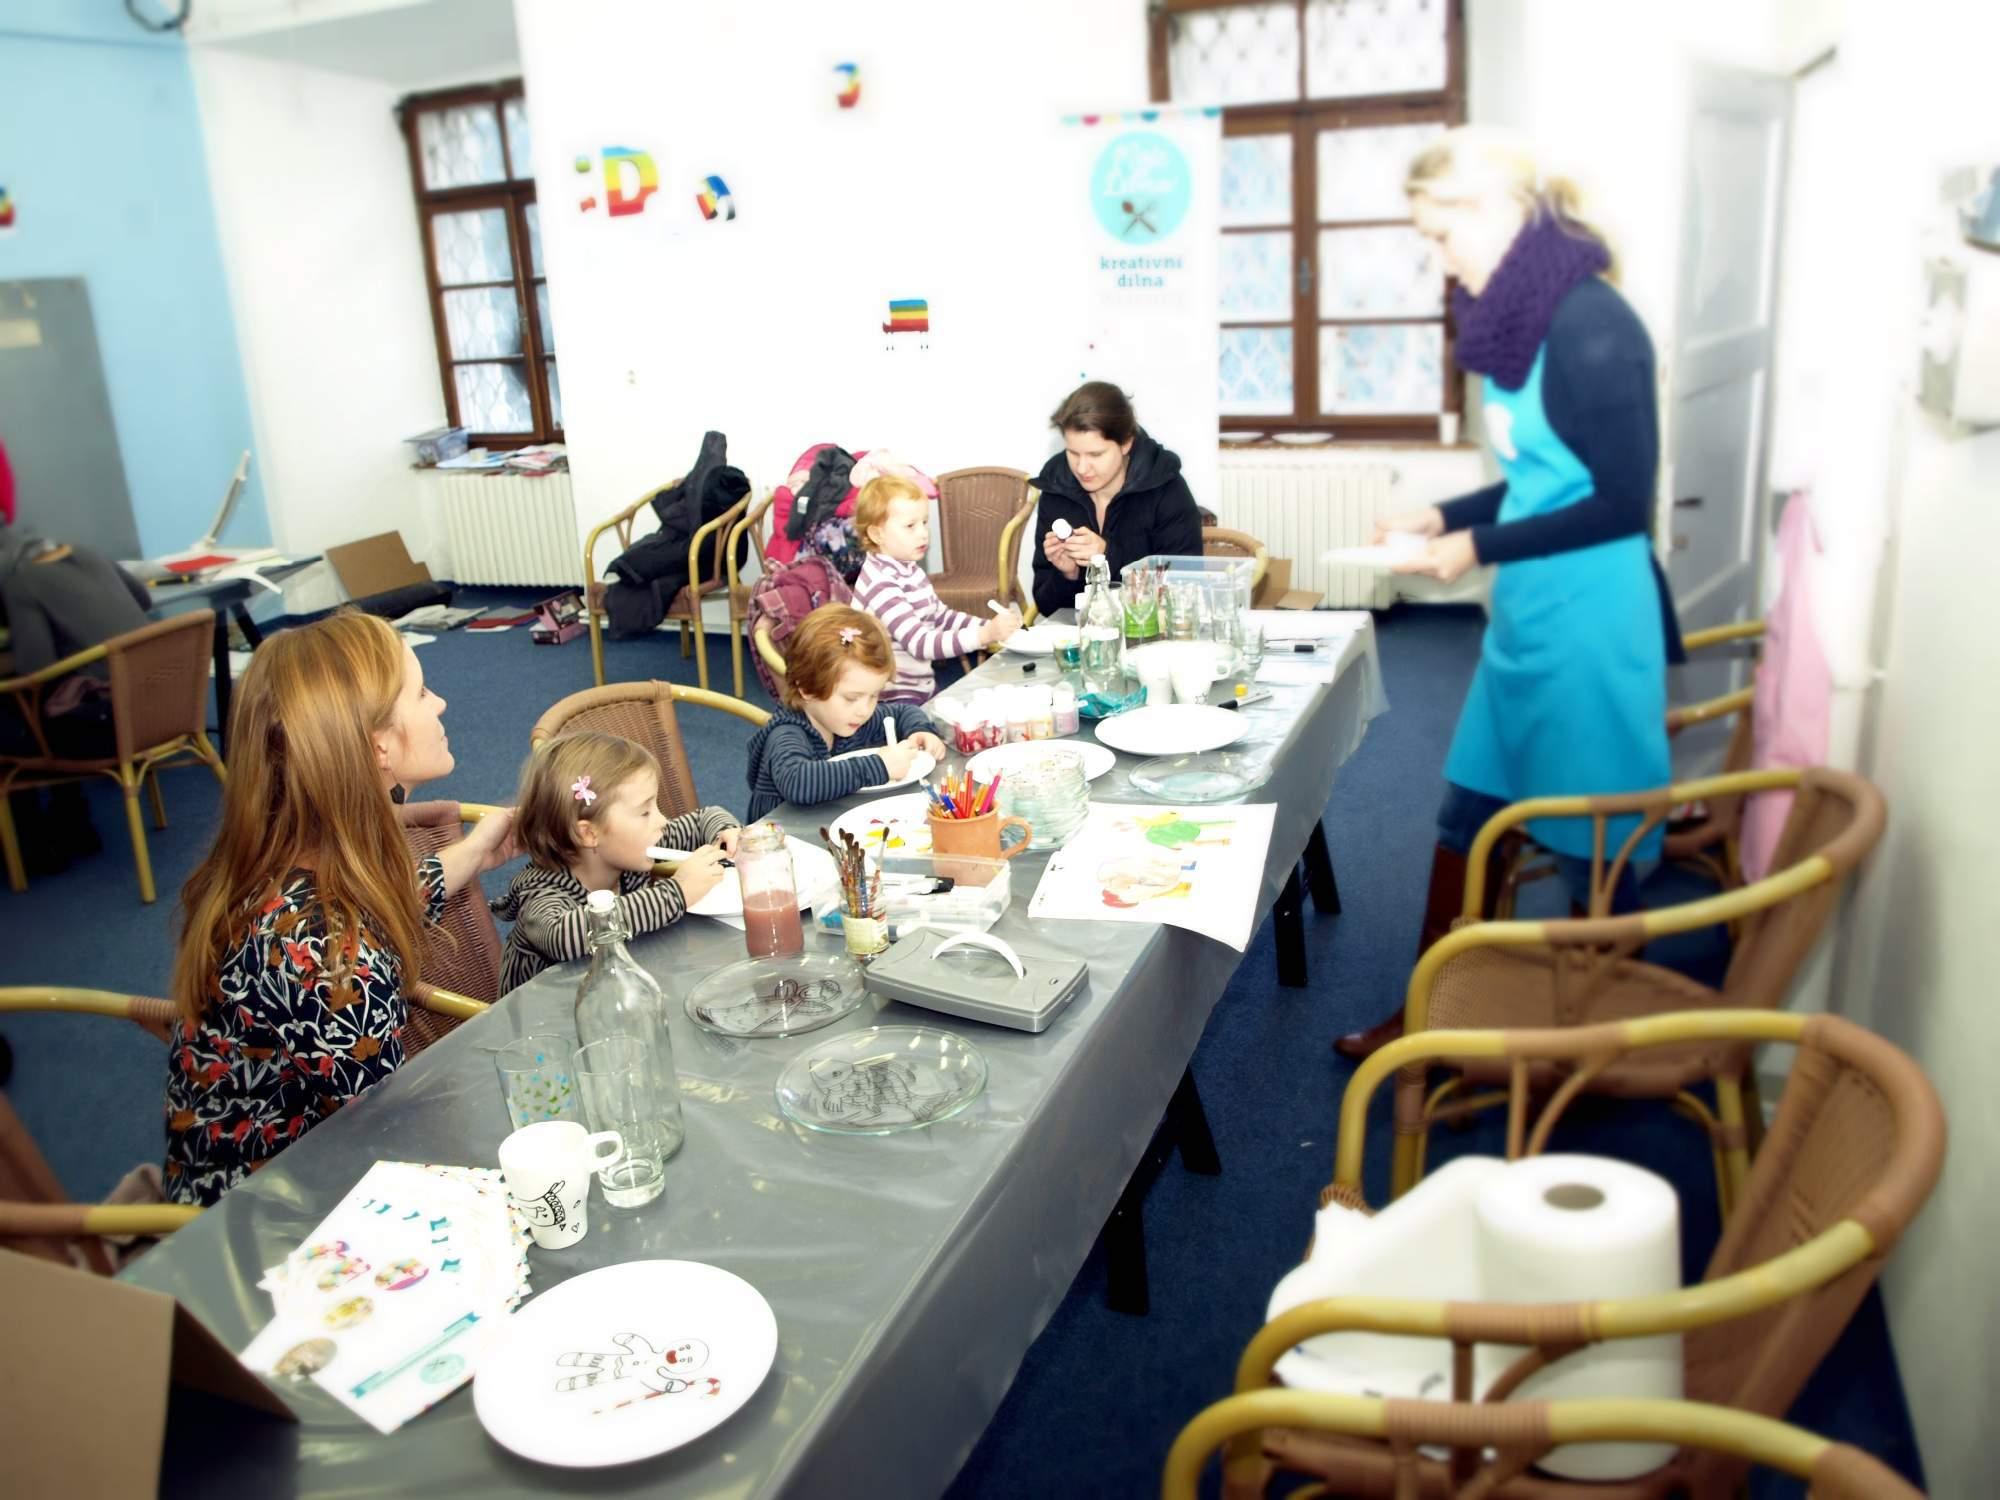 Workshopů se mohl účastnit kdokoliv. Foto: Bečáková Klára